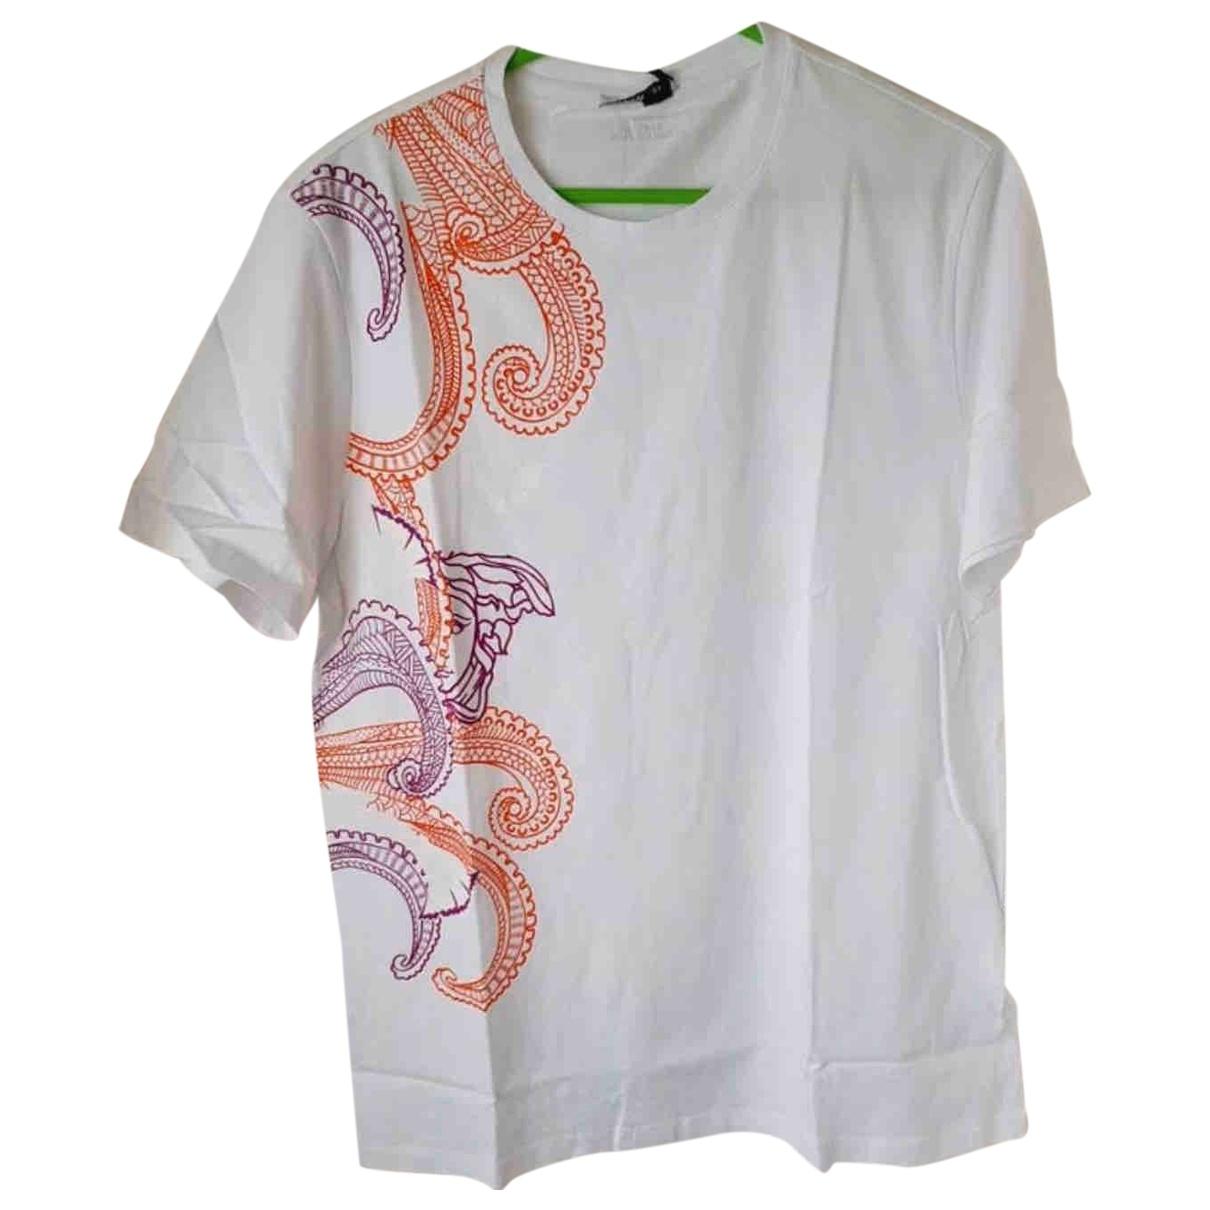 Versace - Tee shirts   pour homme en coton - blanc